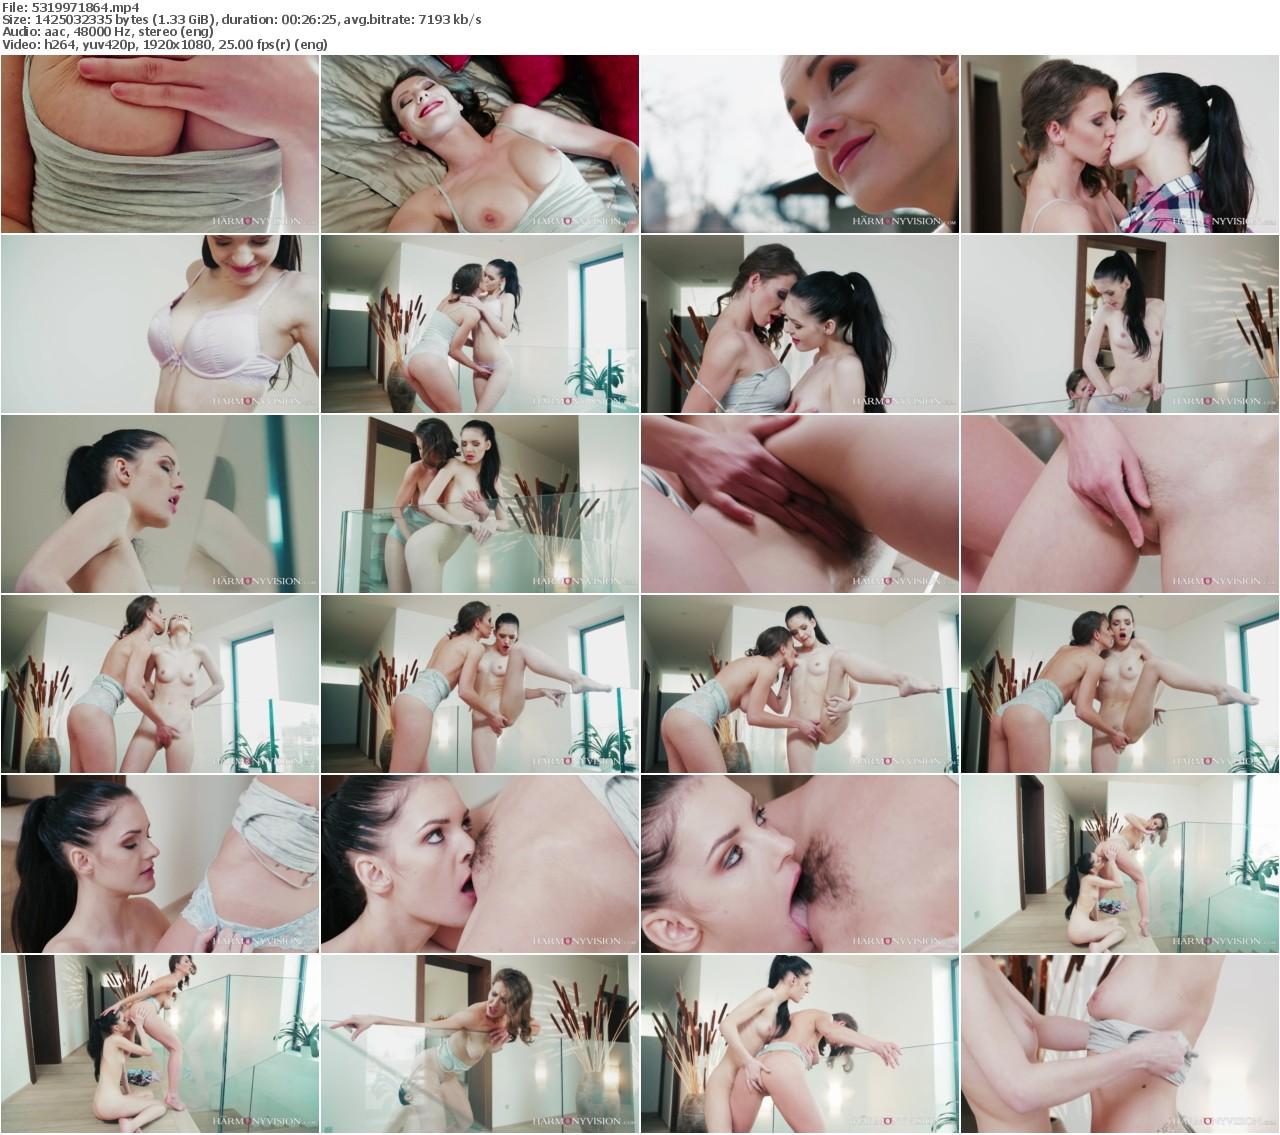 74442578_5319971864_screenshots.jpg